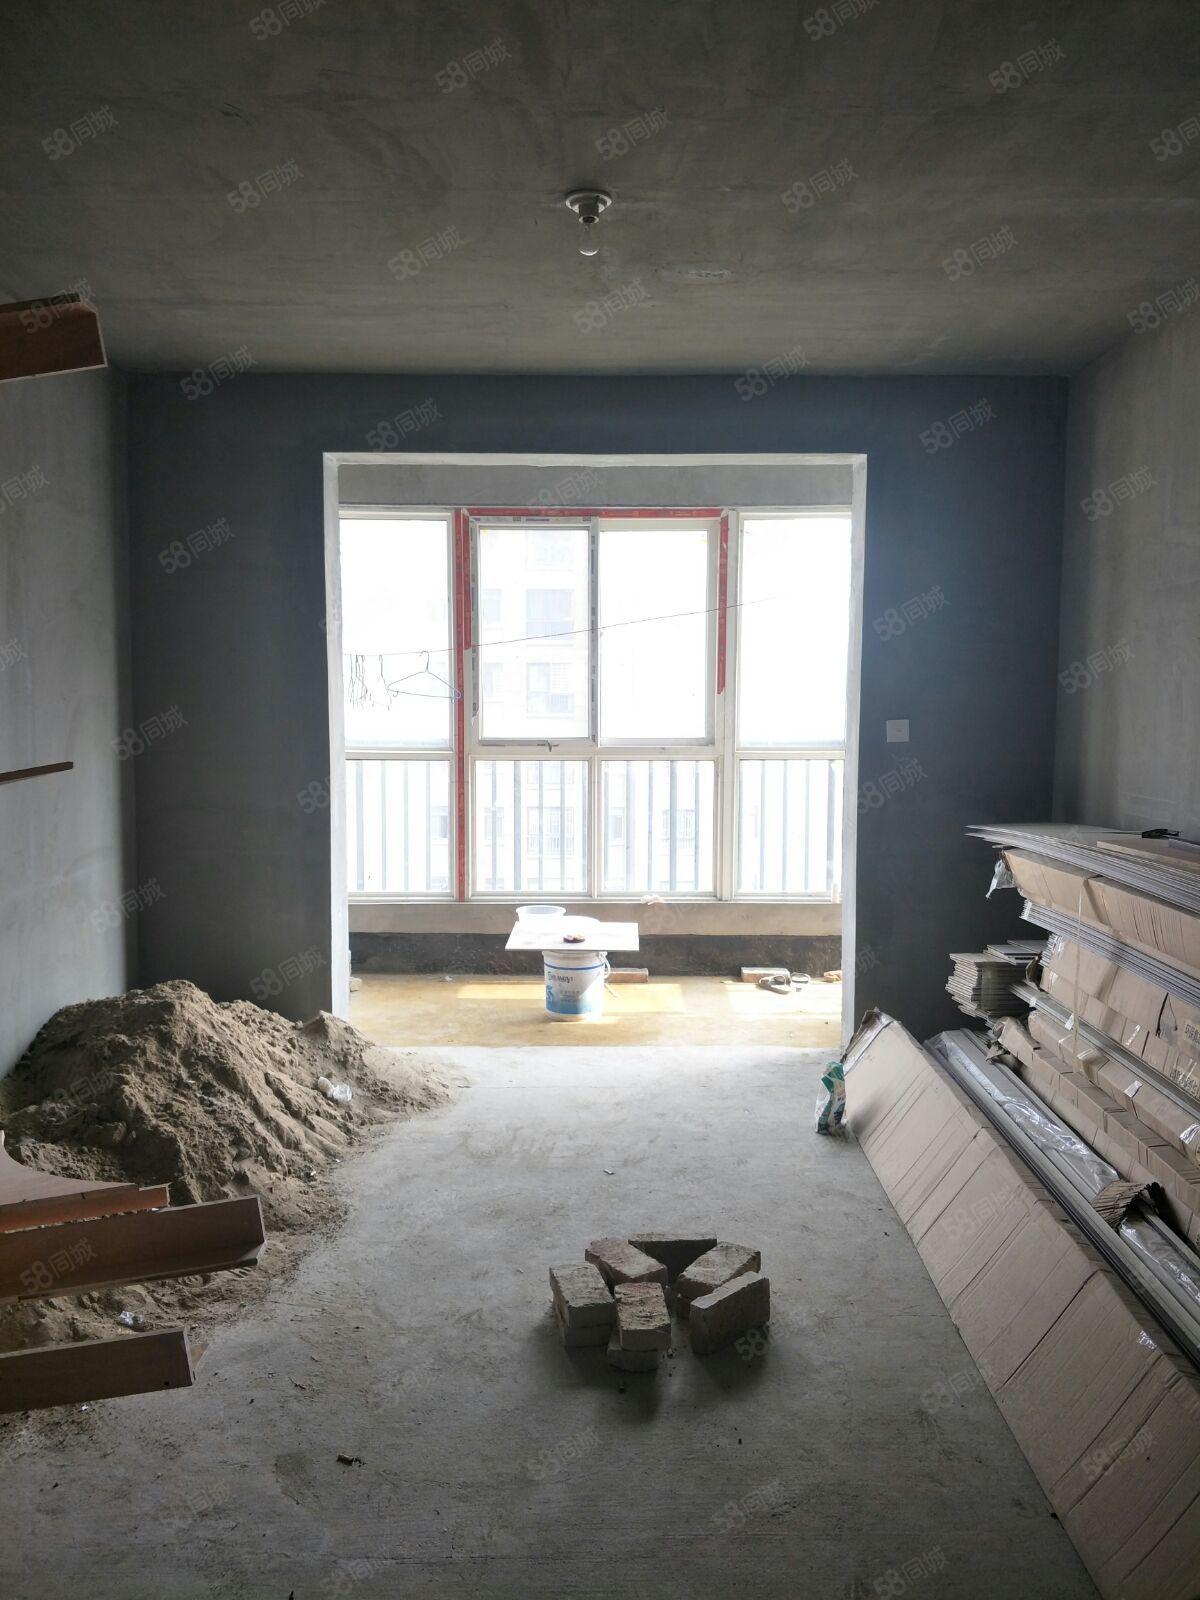 文林路日月星城毛坯两室惊爆价出售居家婚房优选可按揭